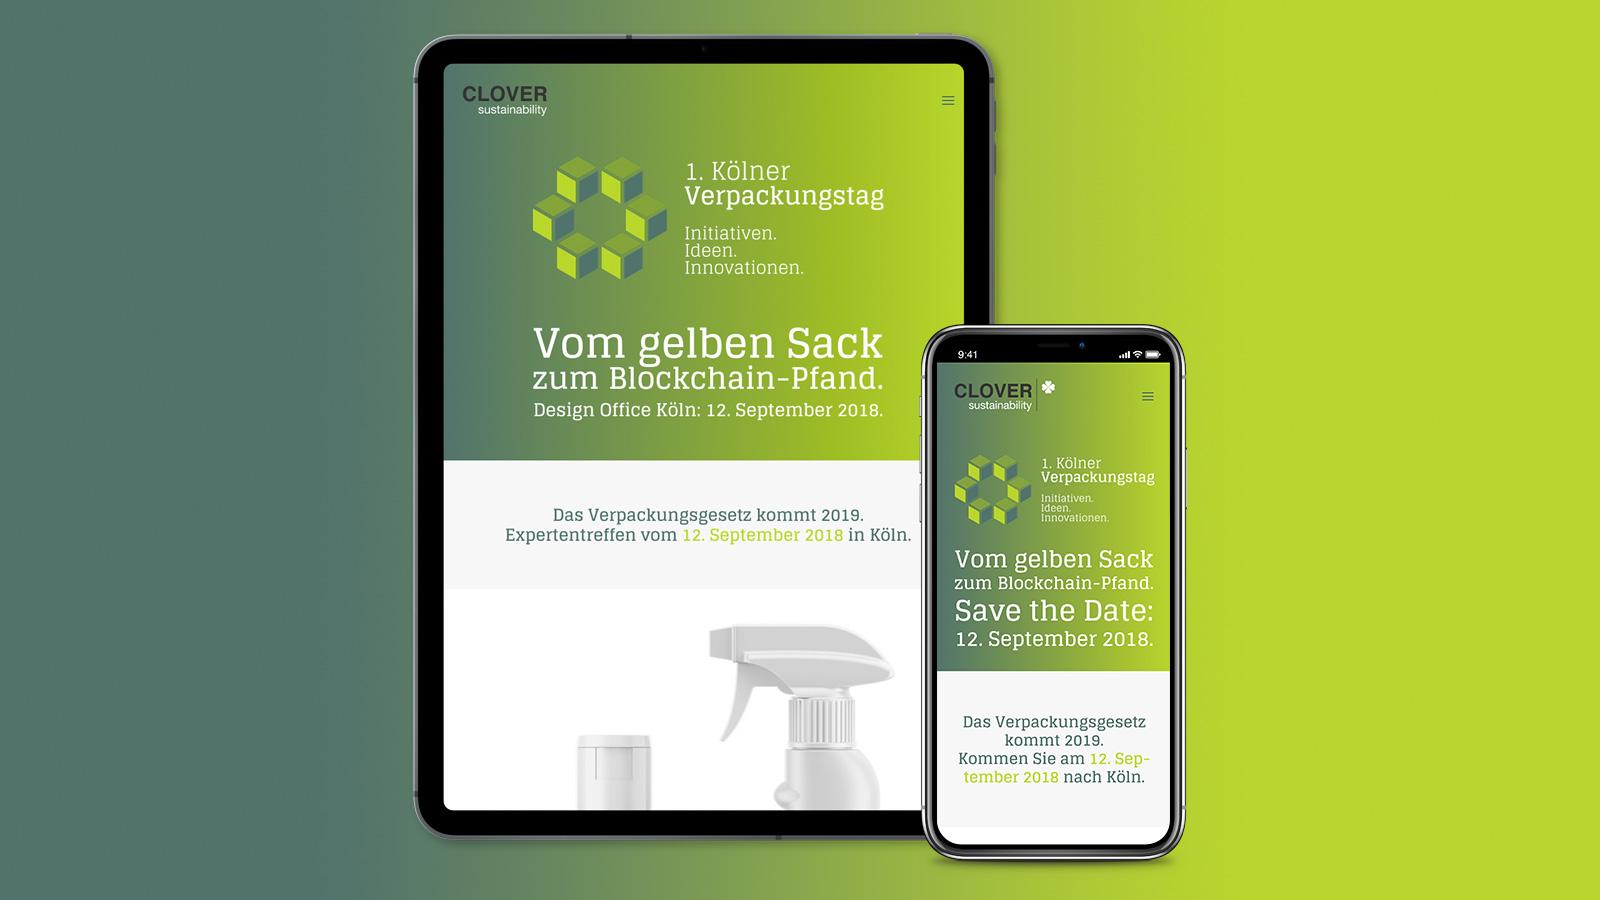 Responsive Webdesign für 1. Kölner Verpackungstag